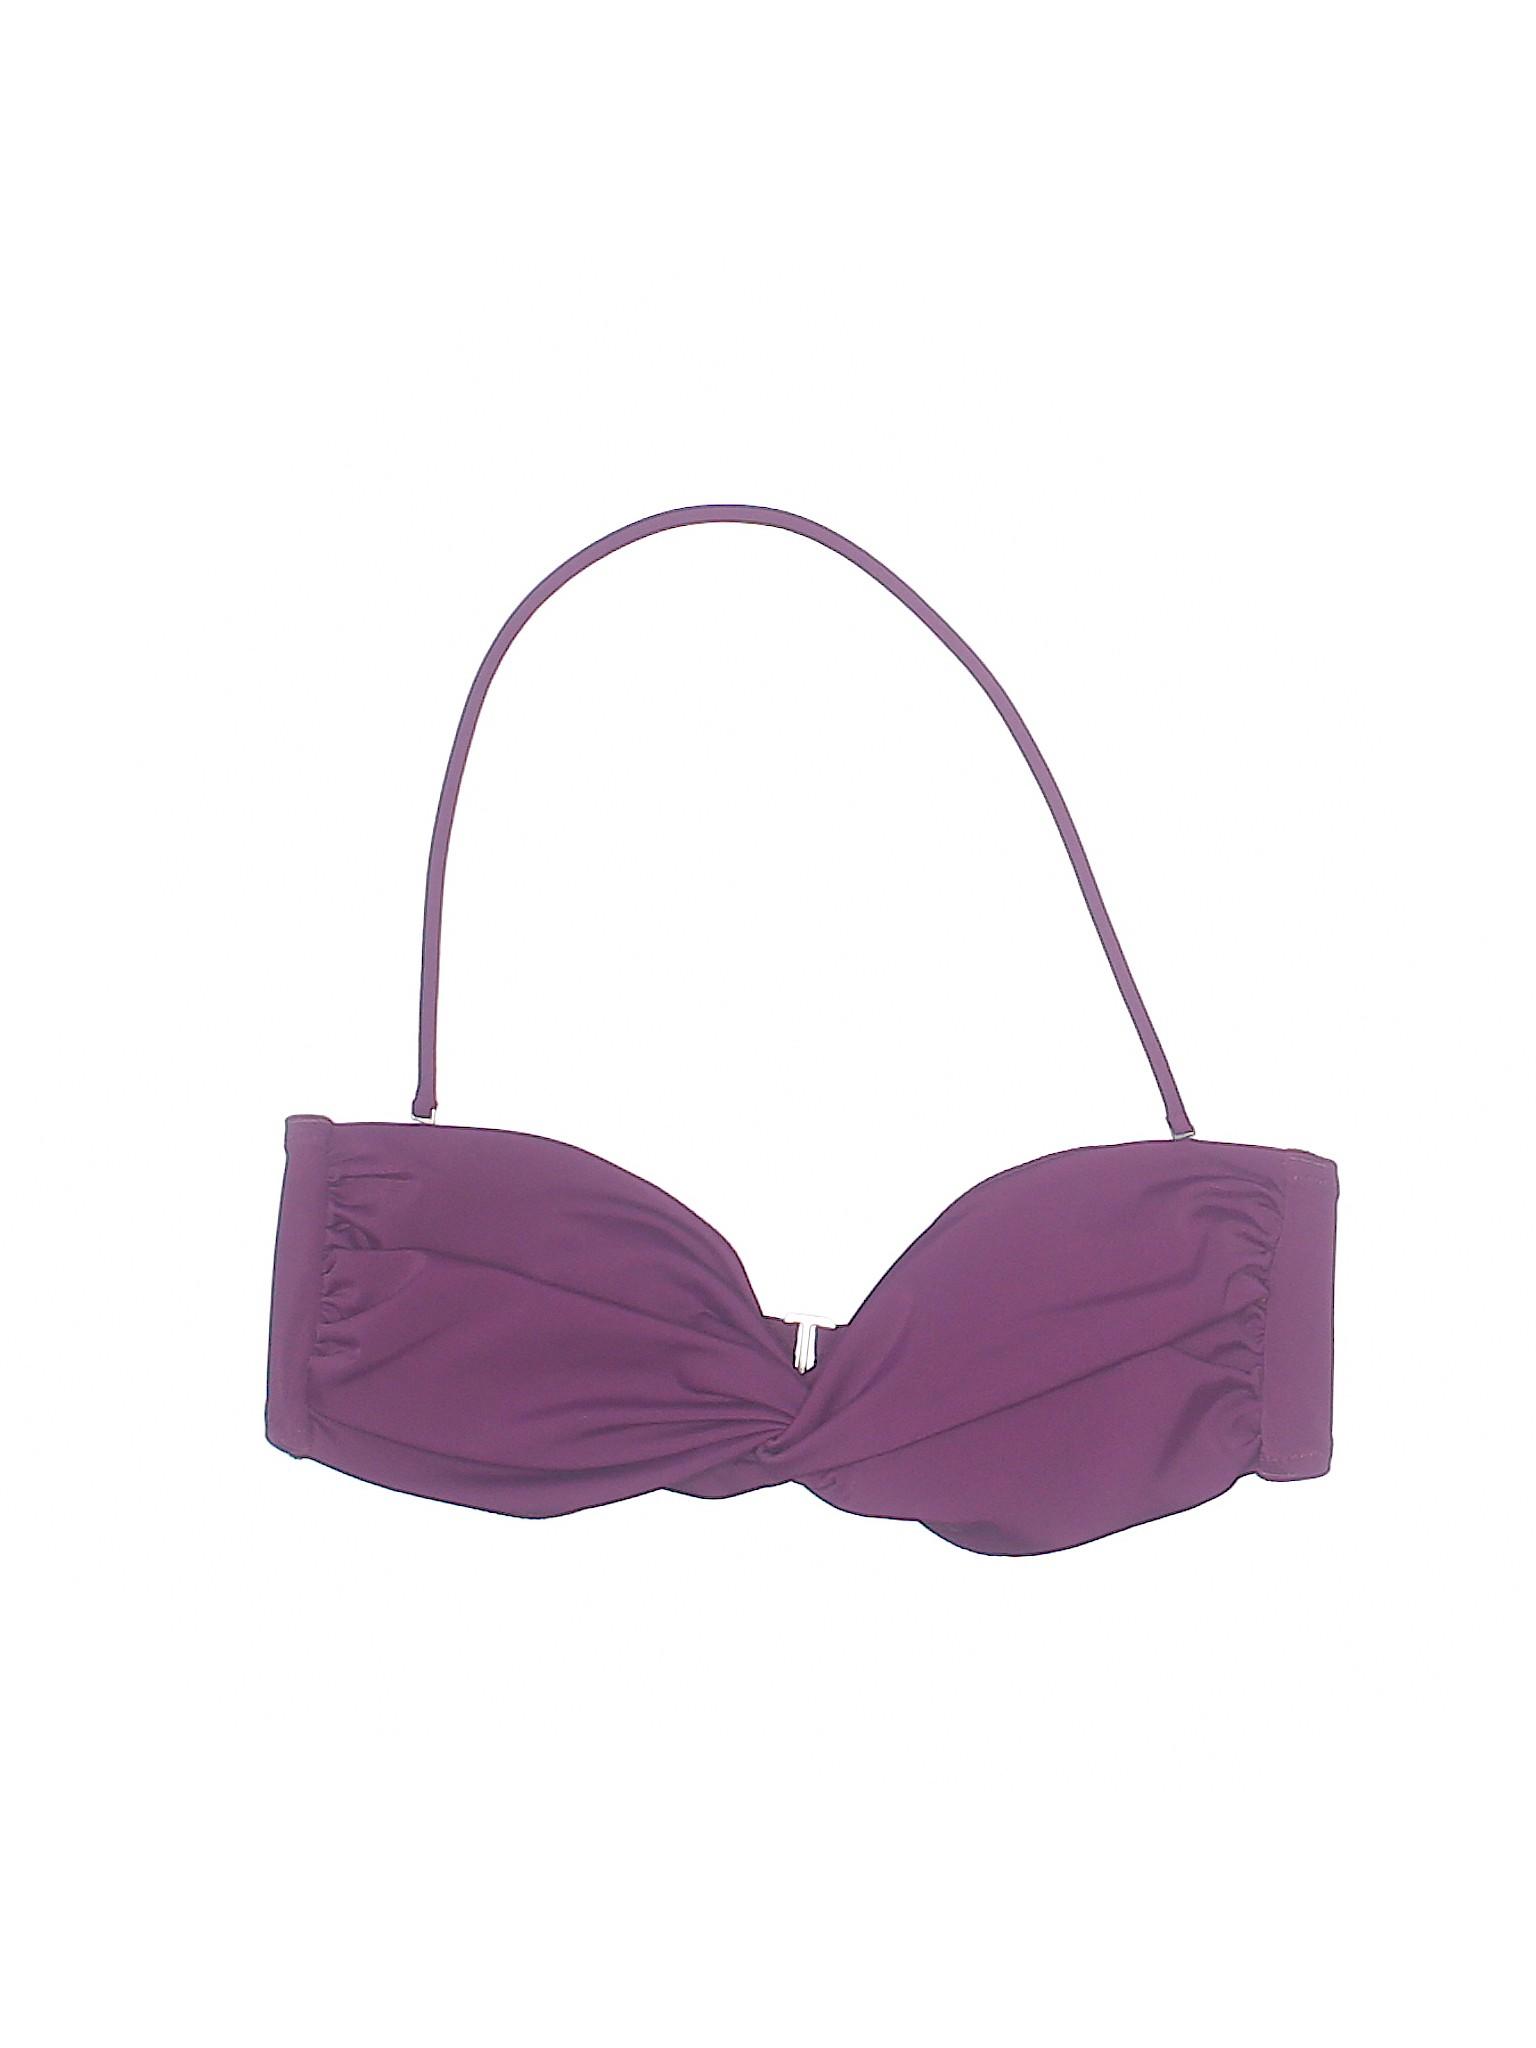 Boutique Boutique Victoria's Secret Swimsuit Top Top Swimsuit Secret Victoria's qtOZwI